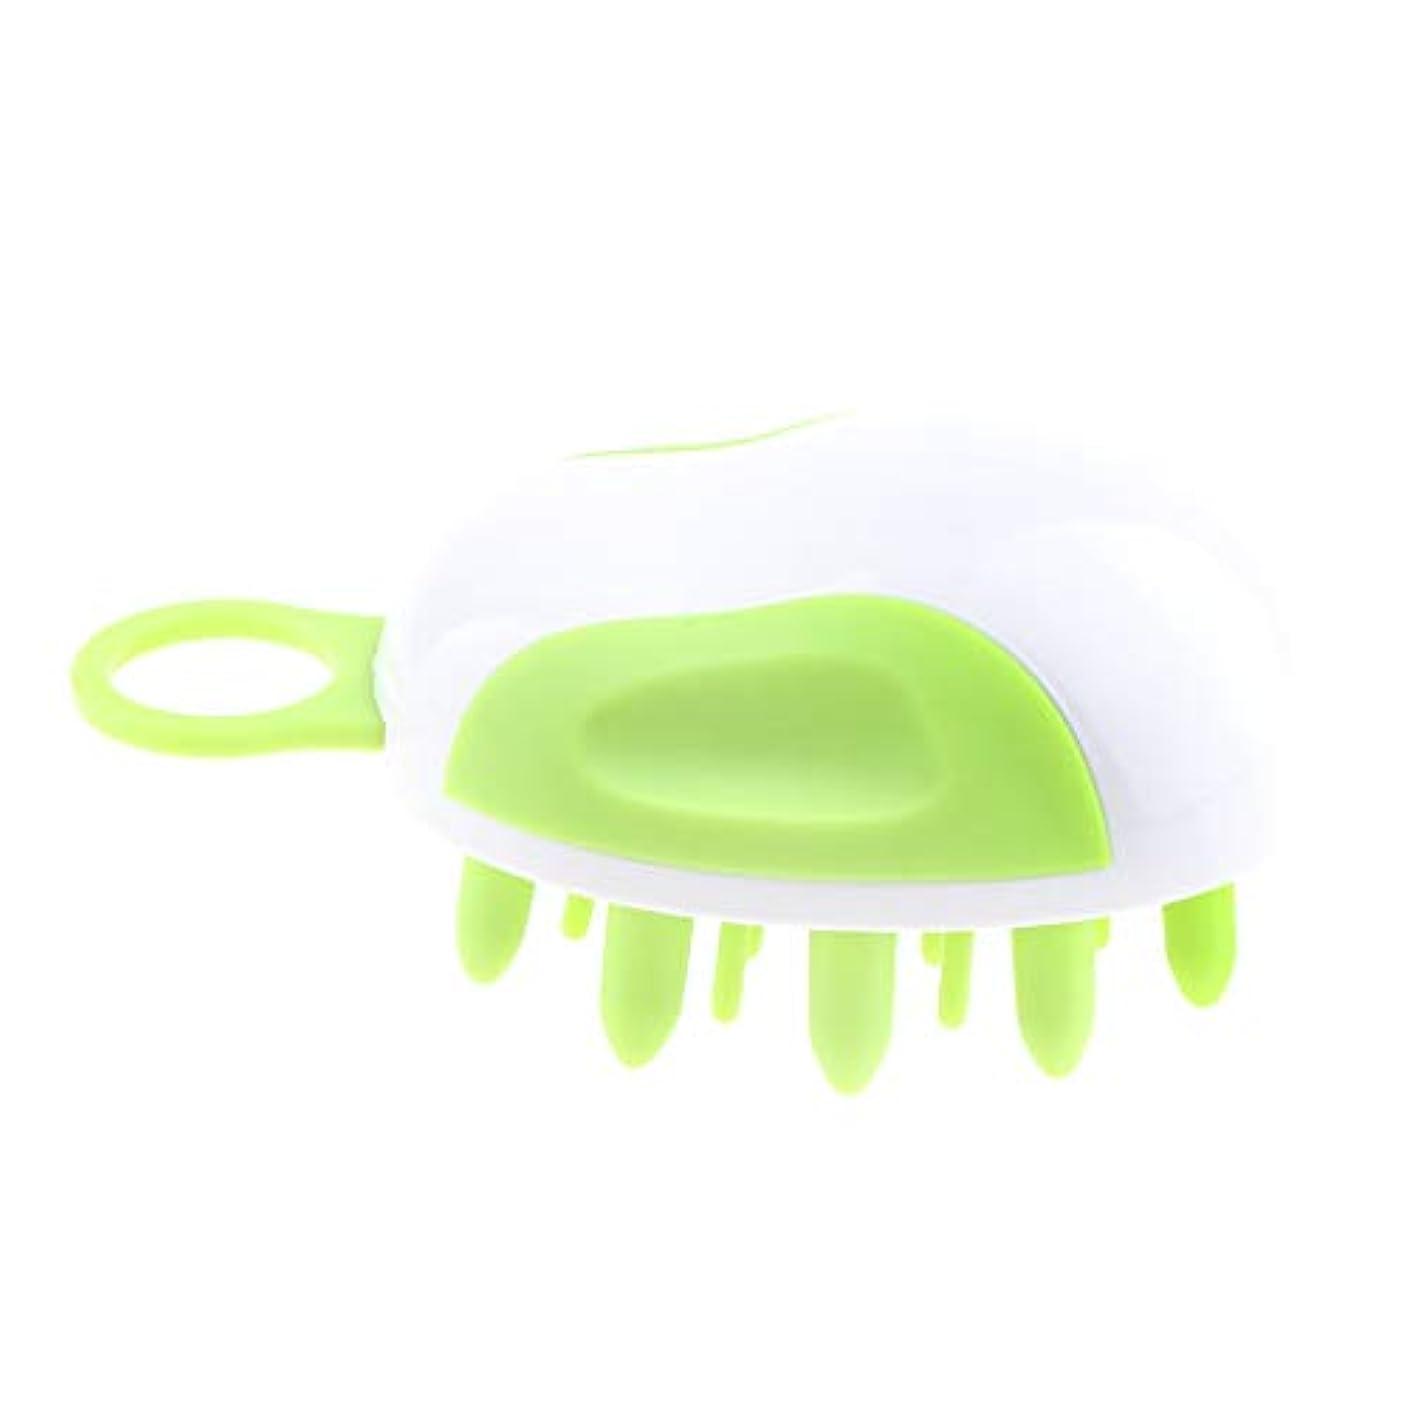 サスペンド学校の先生負荷シャンプーブラシ 角質除去 ヘアダイコーム ヘアブラシ 頭皮マッサージャー ヘアカラーリング用品 全2カラー - 緑